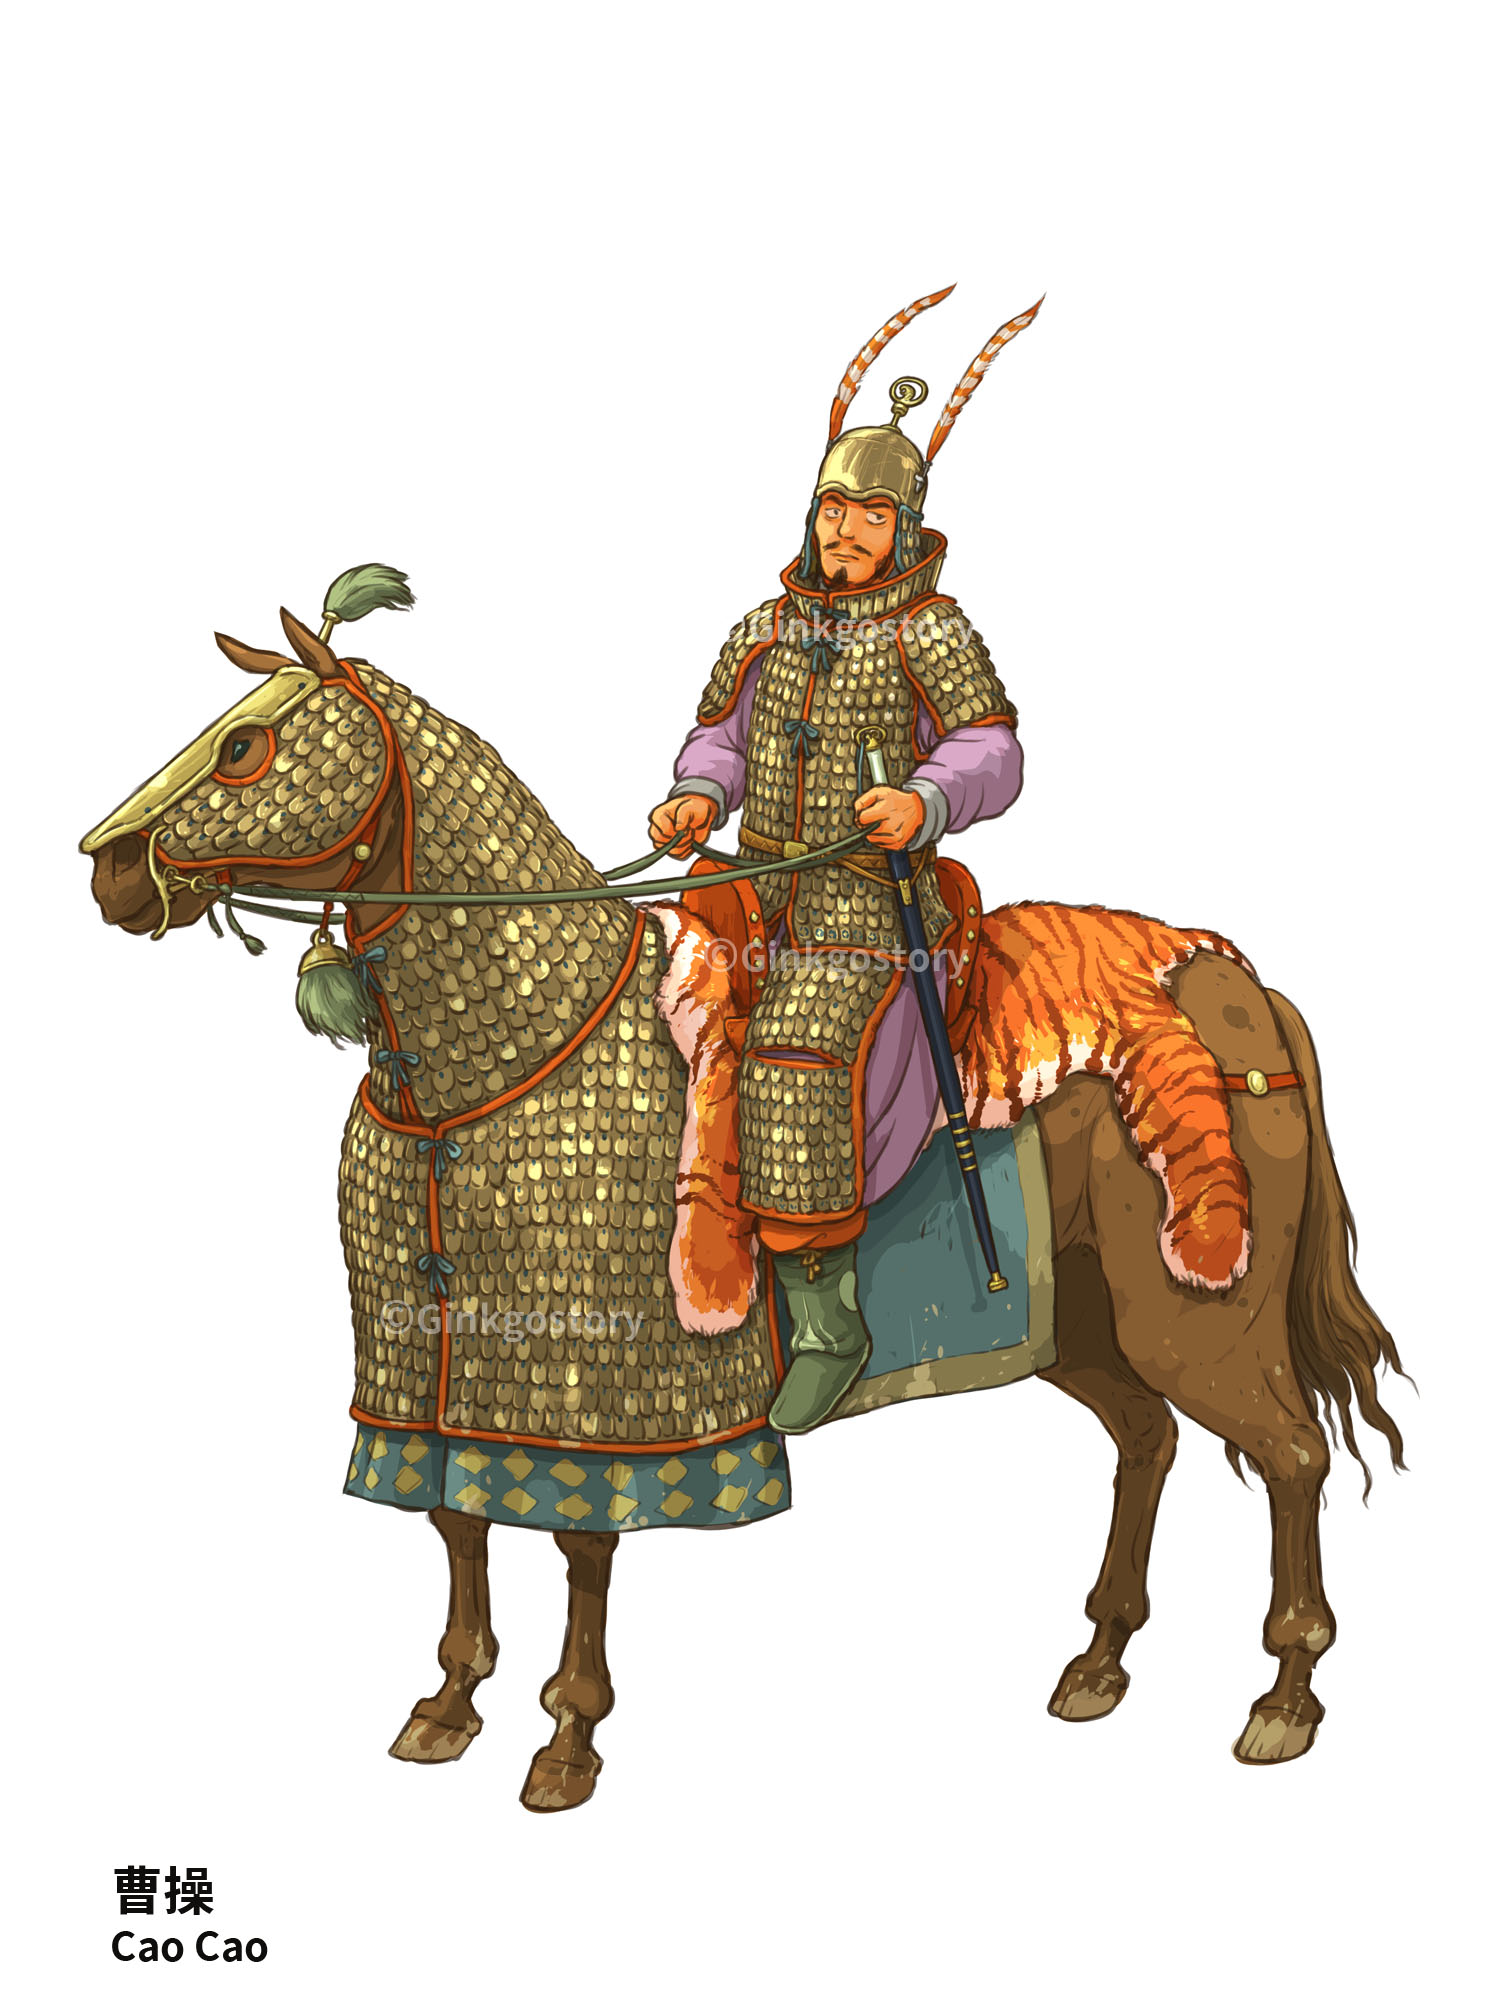 Three Kingdoms: Cao Cao